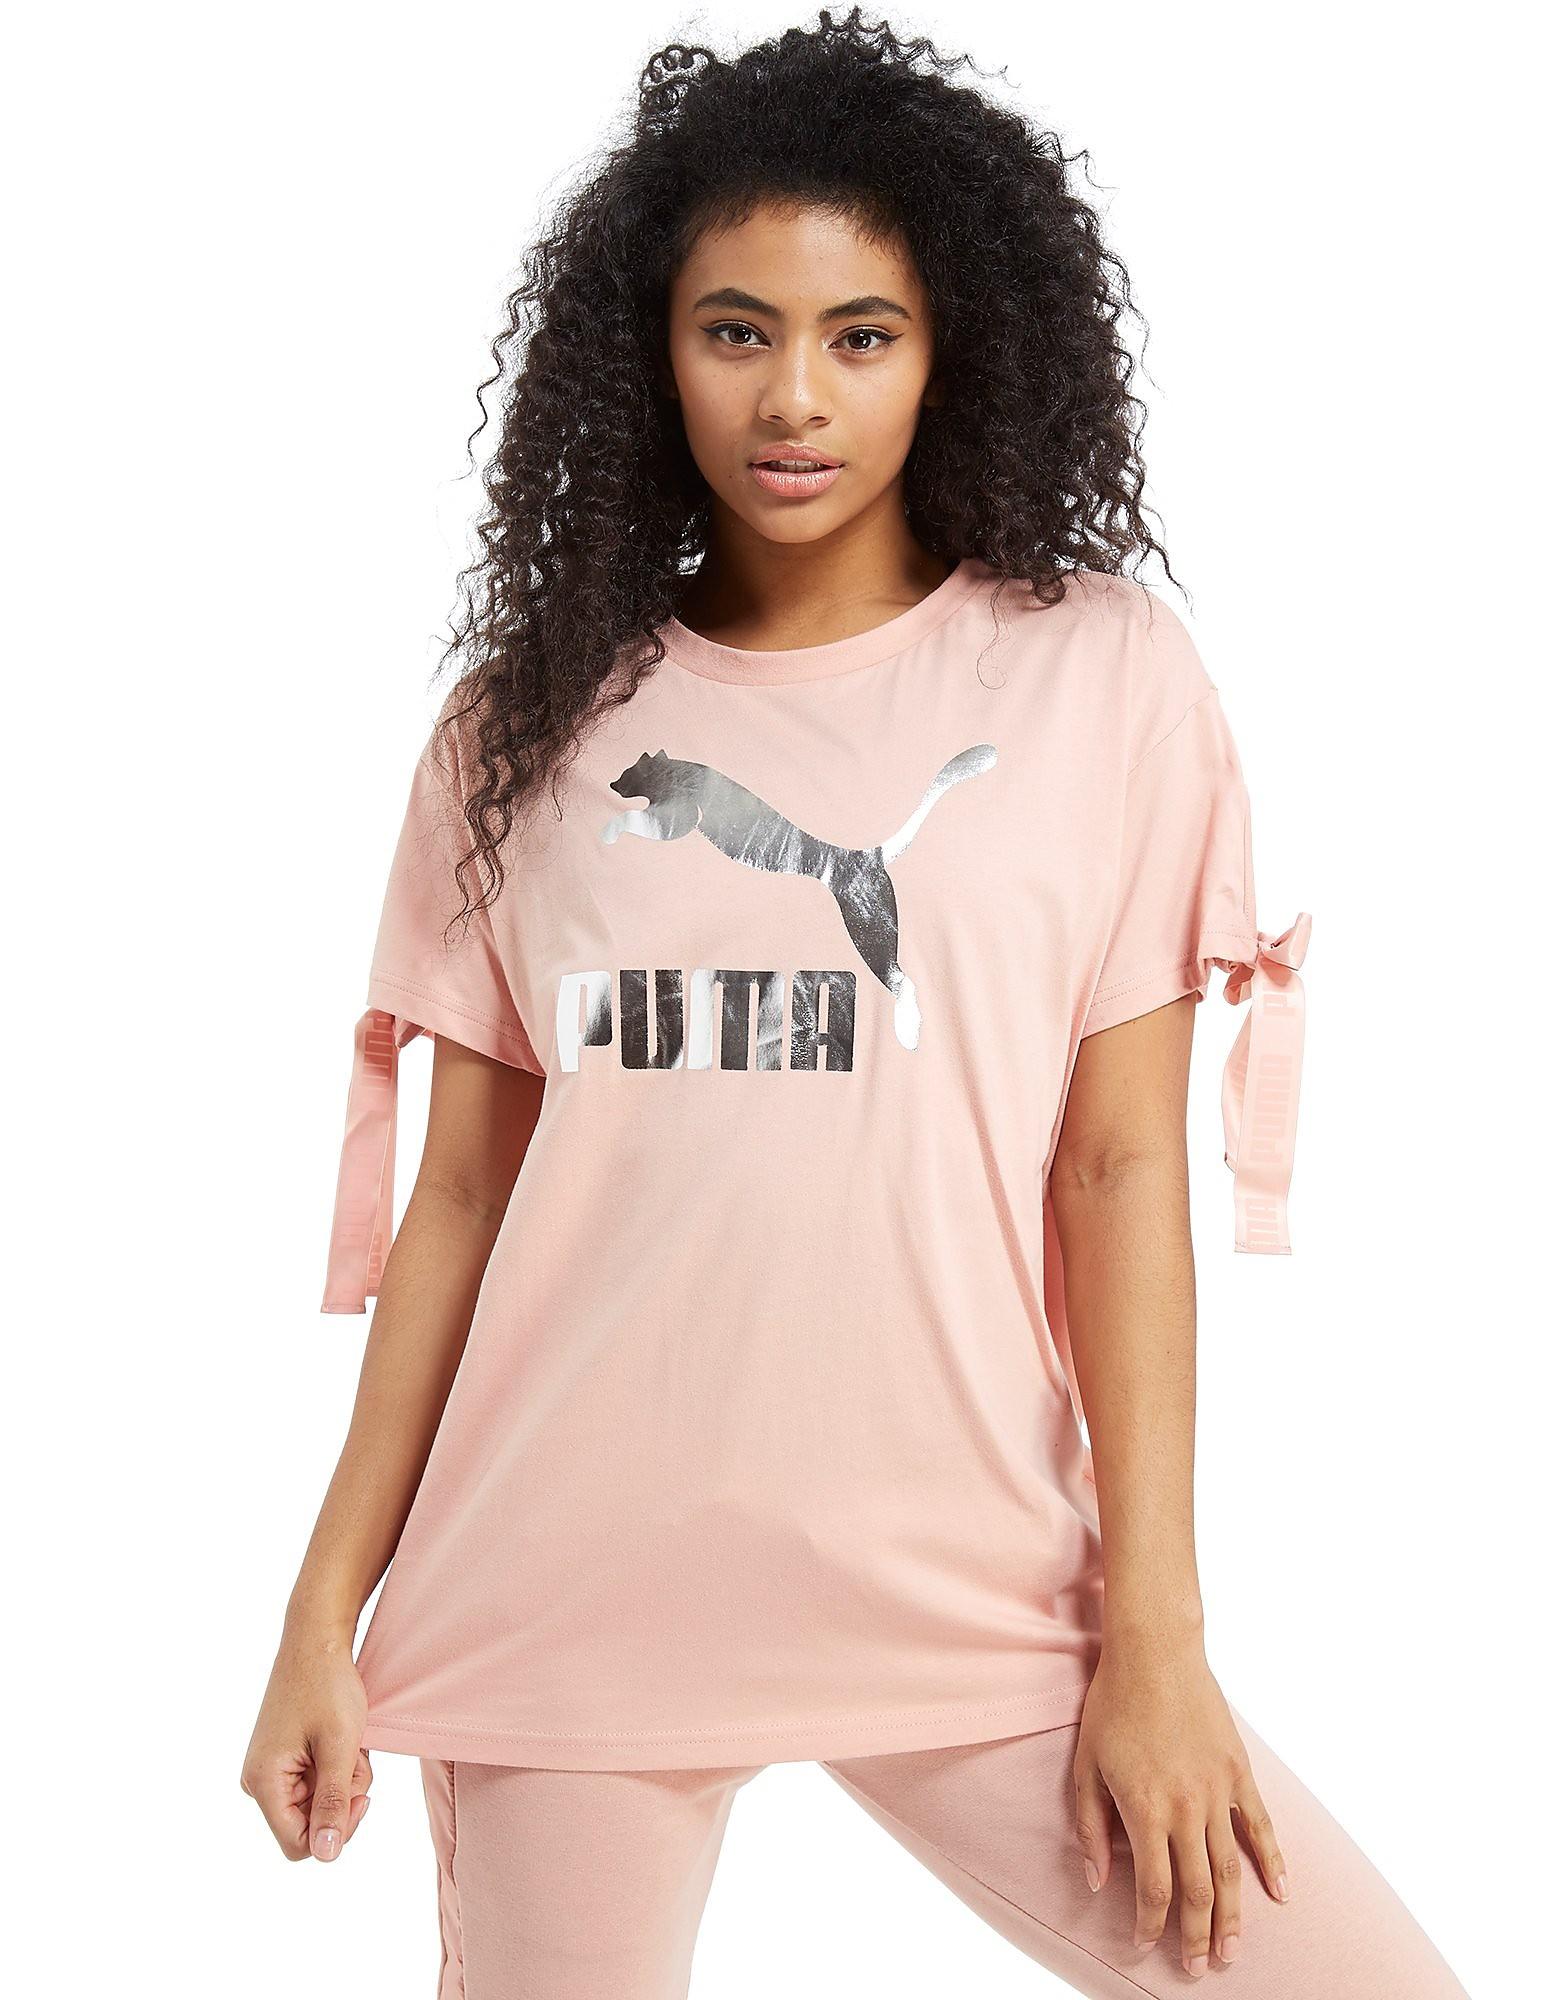 PUMA Bow Boyfriend T-Shirt